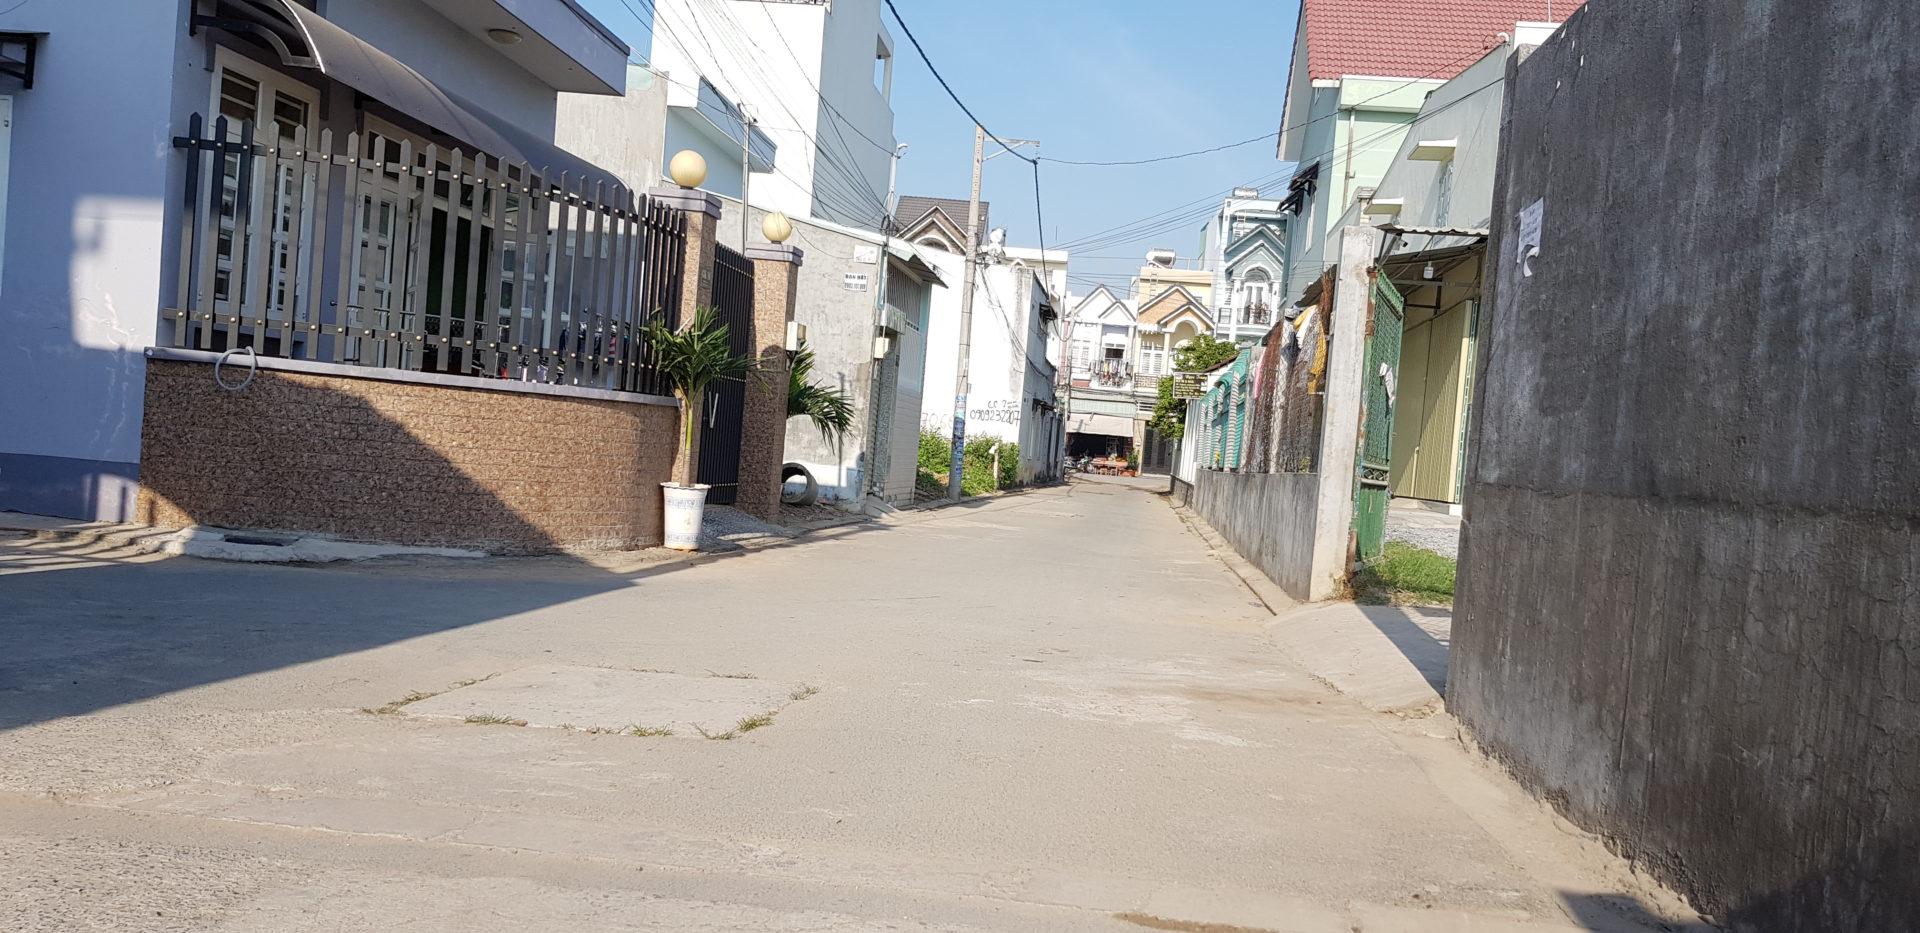 Đất Đường 160 Quận 9 Ngay Trung tâm Tăng Nhơn Phú A, DT 60m2 Đã Được Ép 12 Cọc, chỉ với 2,9 tỷ, Đất rất Đẹp đầu tư bảo đảm lời